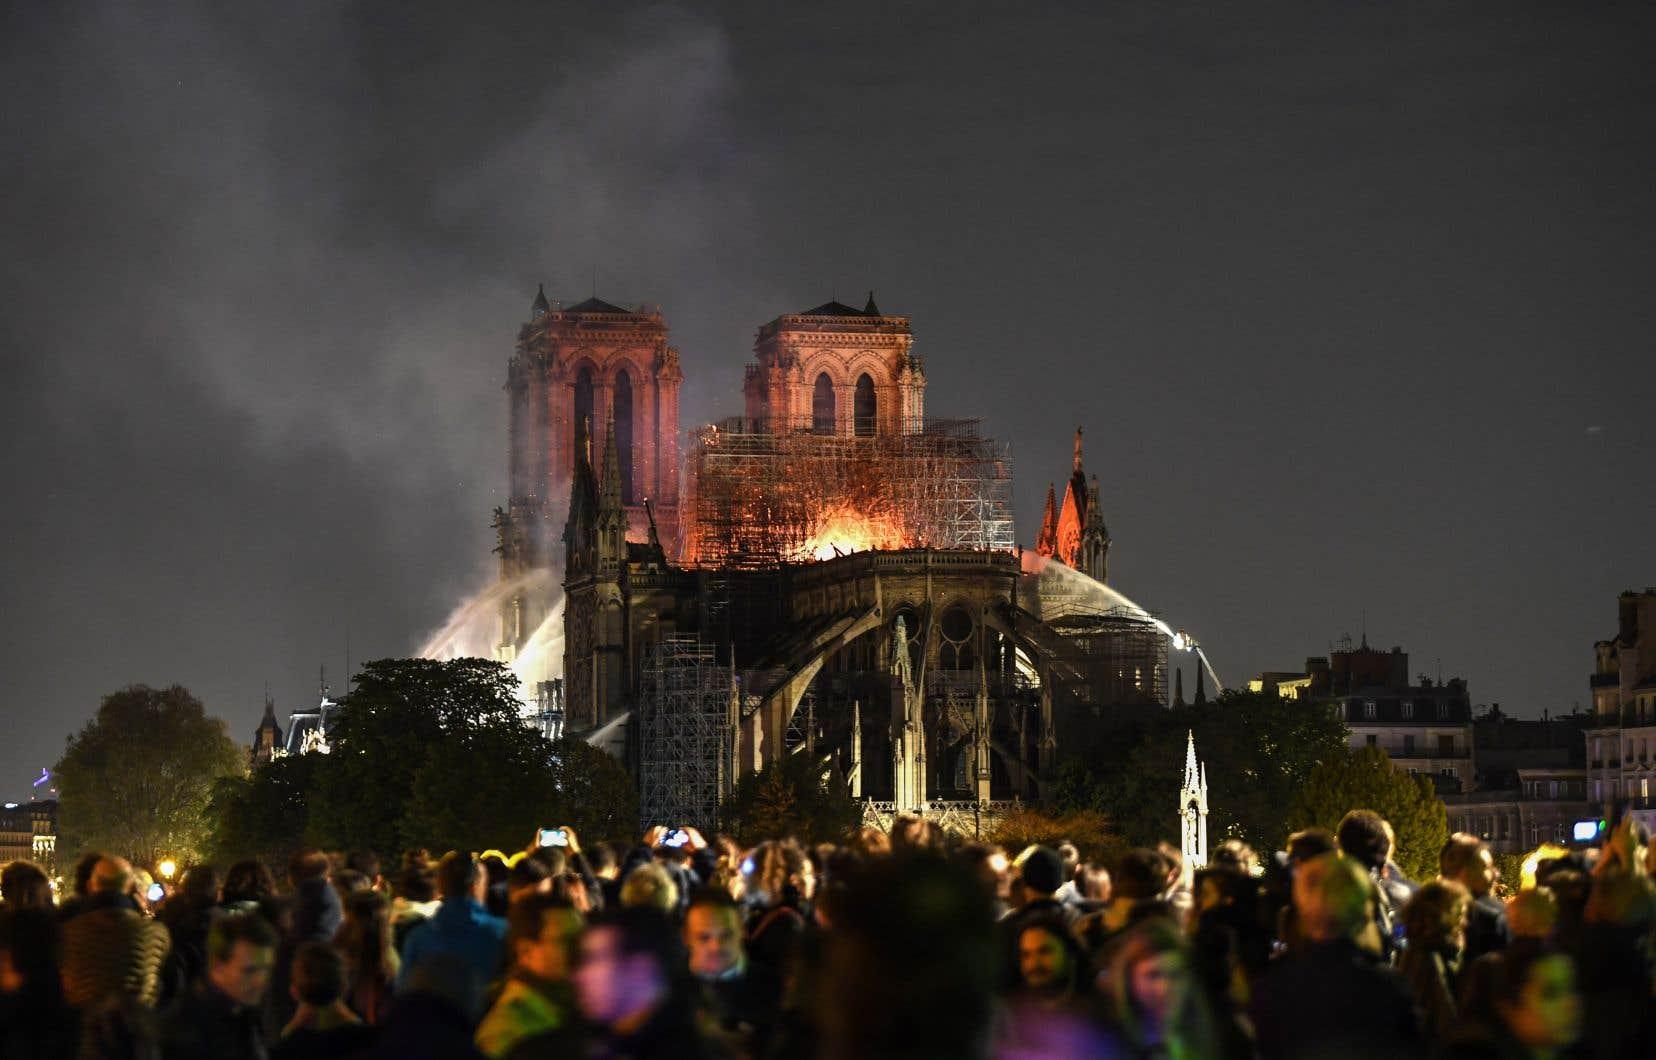 La foule, massée lundi le long des quais de Seine, assiste, pétrifiée, à la disparition d'une partie de la mythique cathédrale.